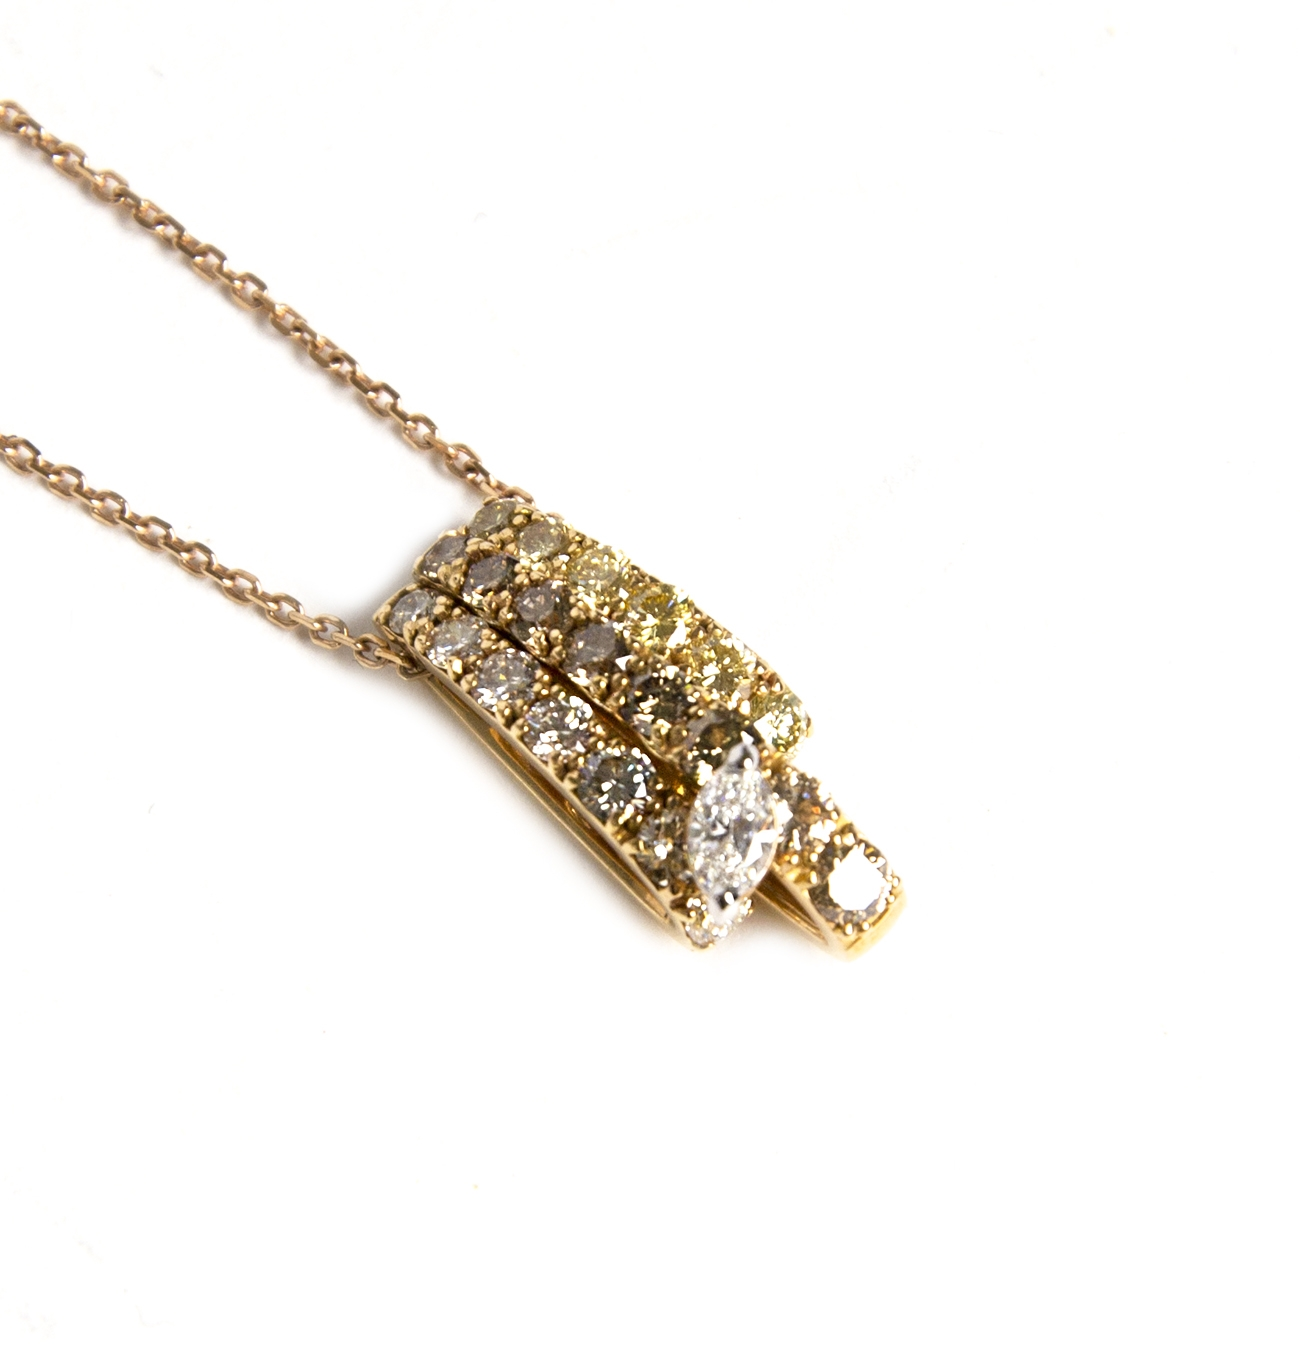 Koop uw authentieke Ferrari Firenze Necklace Gold & Diamonds